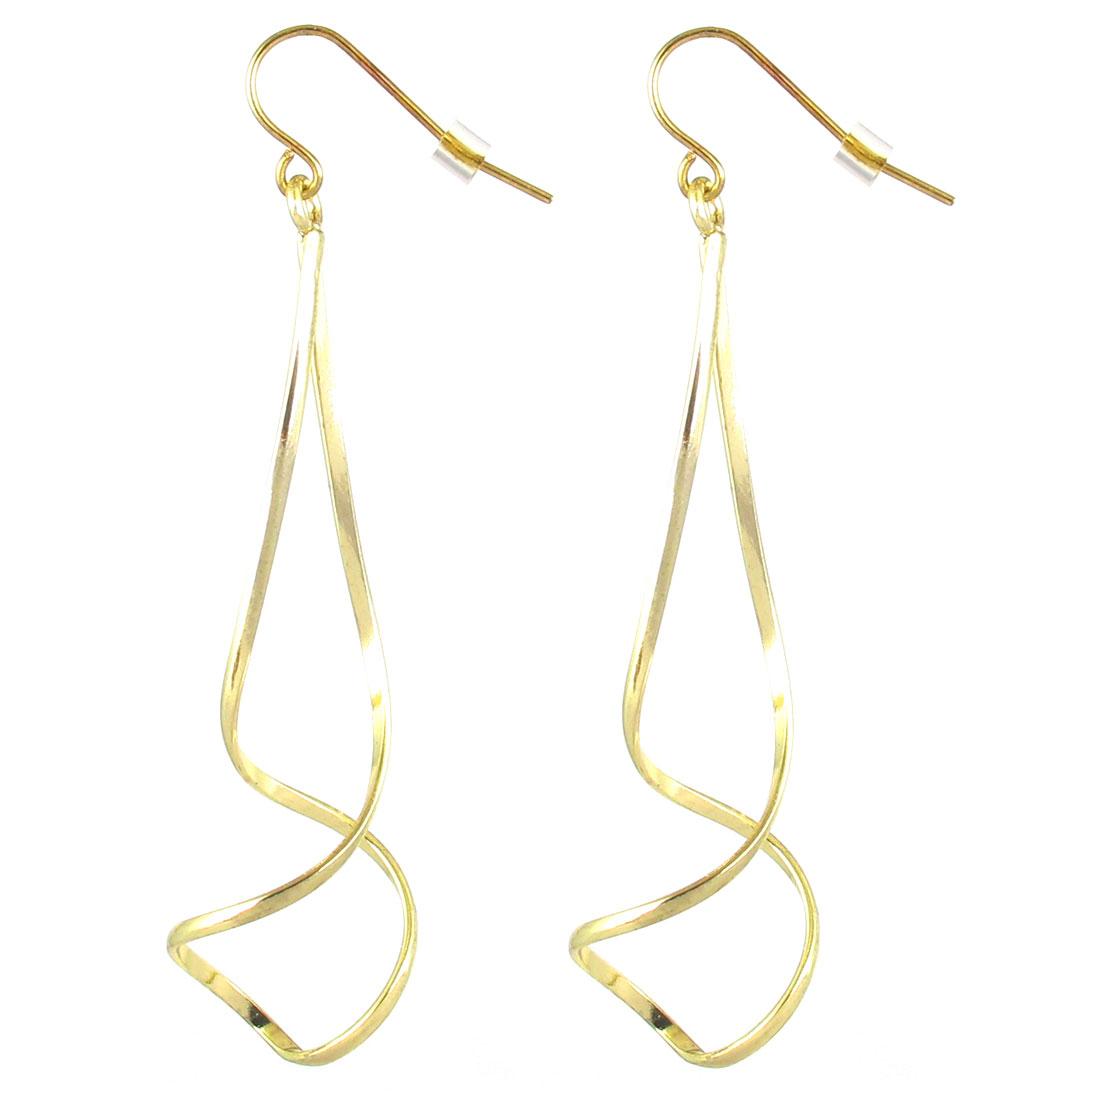 """Women Metal Hollow Out Twist Swirl Shape Dangling Pendant Hook Earrings Earbob Gold Tone2.8"""" Length Pair"""